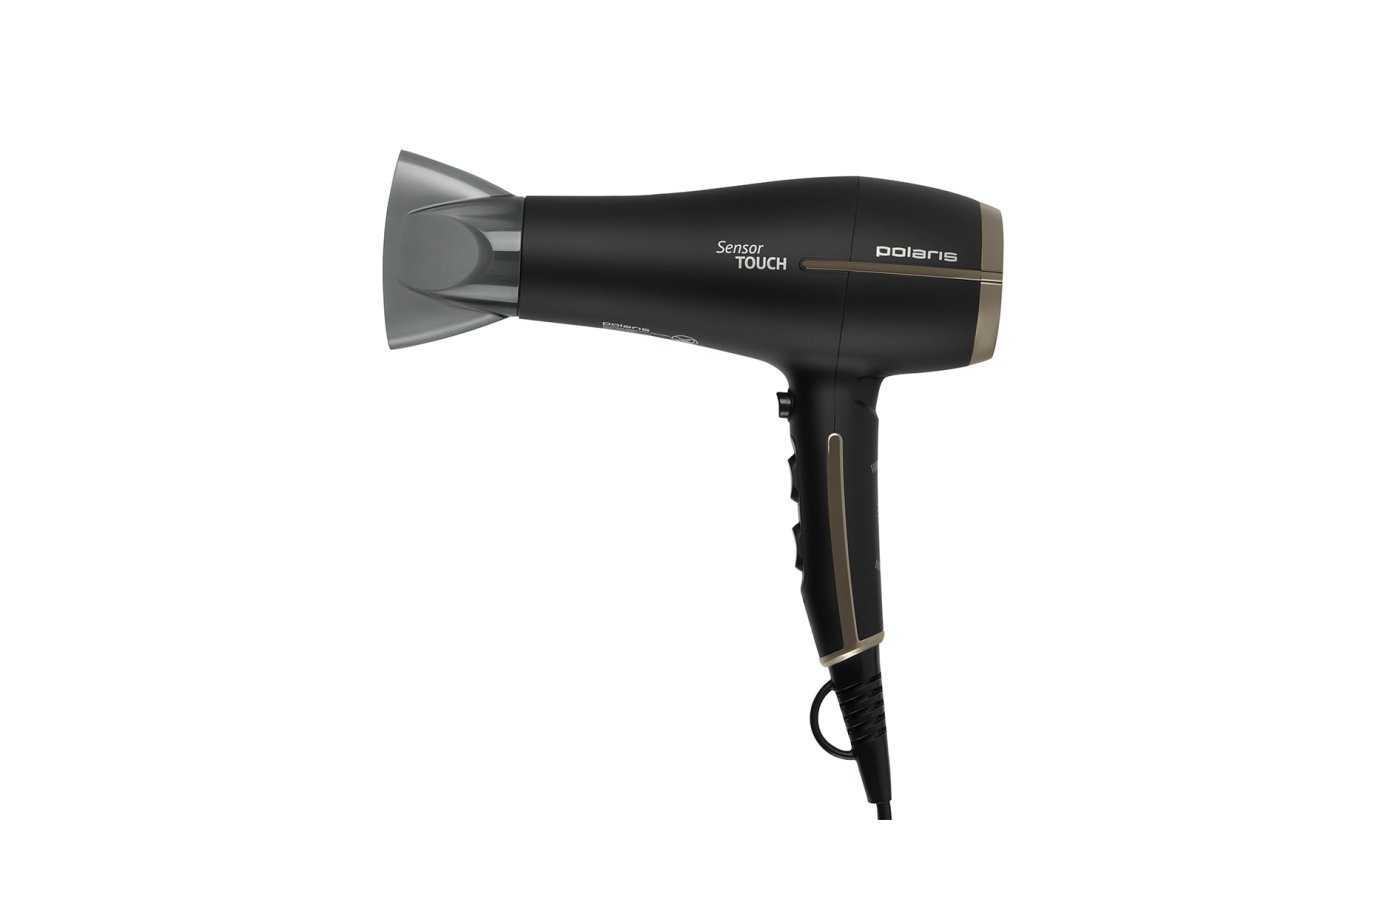 Фен polaris phd 2259sti 2200вт черный матовый — купить, цена и характеристики, отзывы